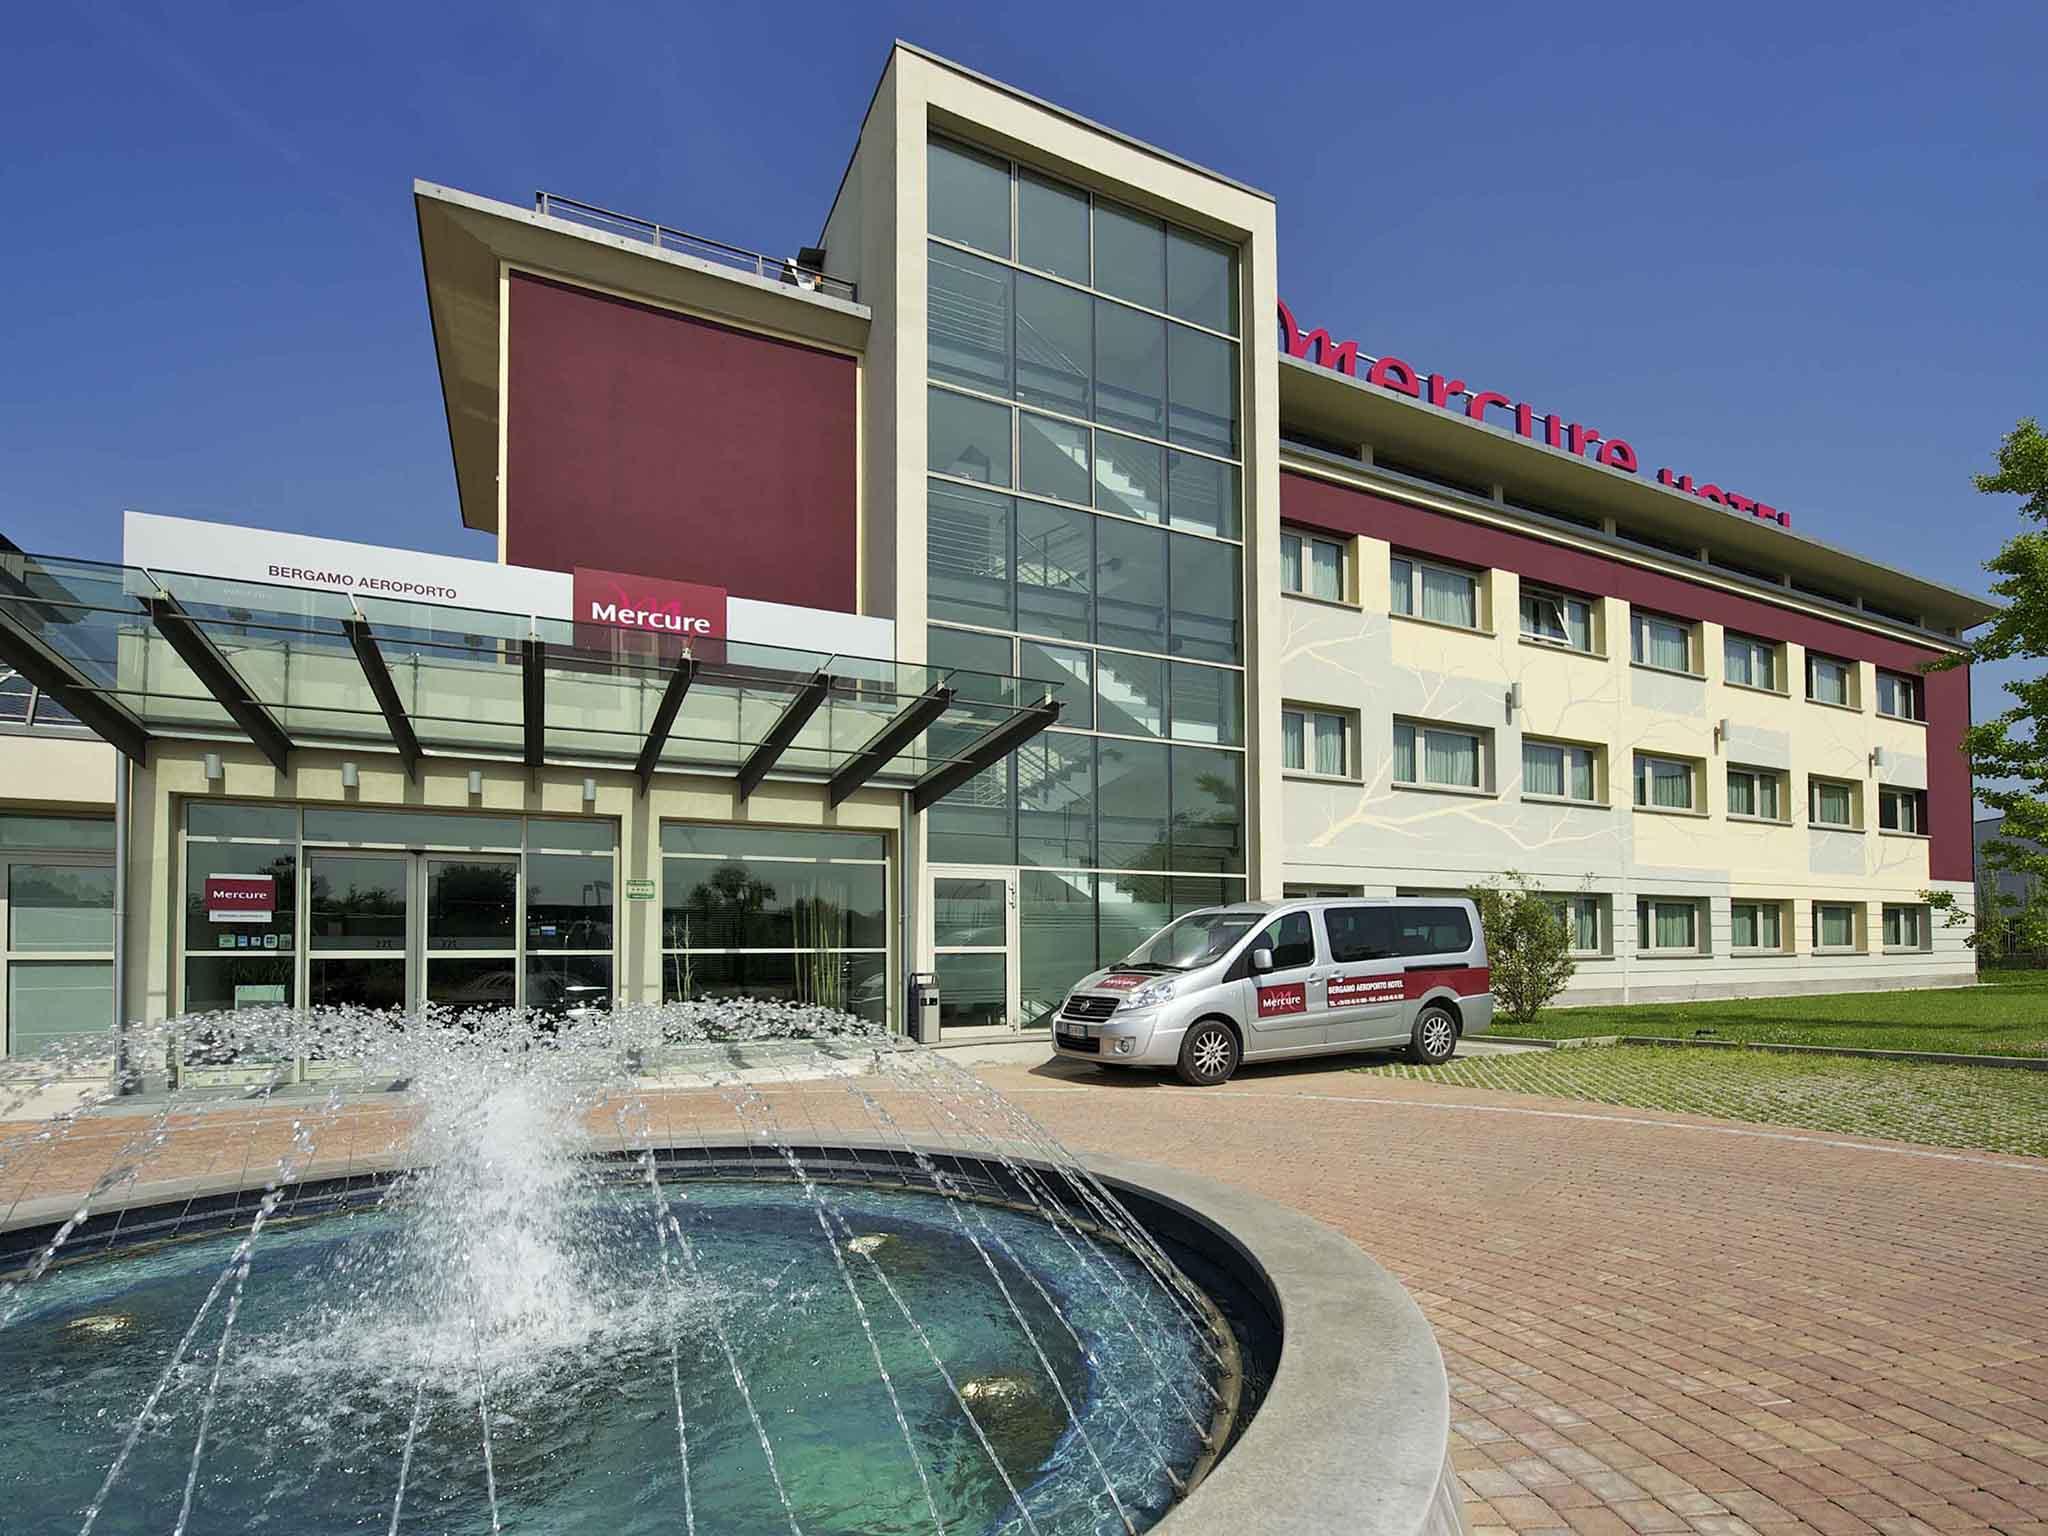 فندق - Mercure Bergamo Aeroporto